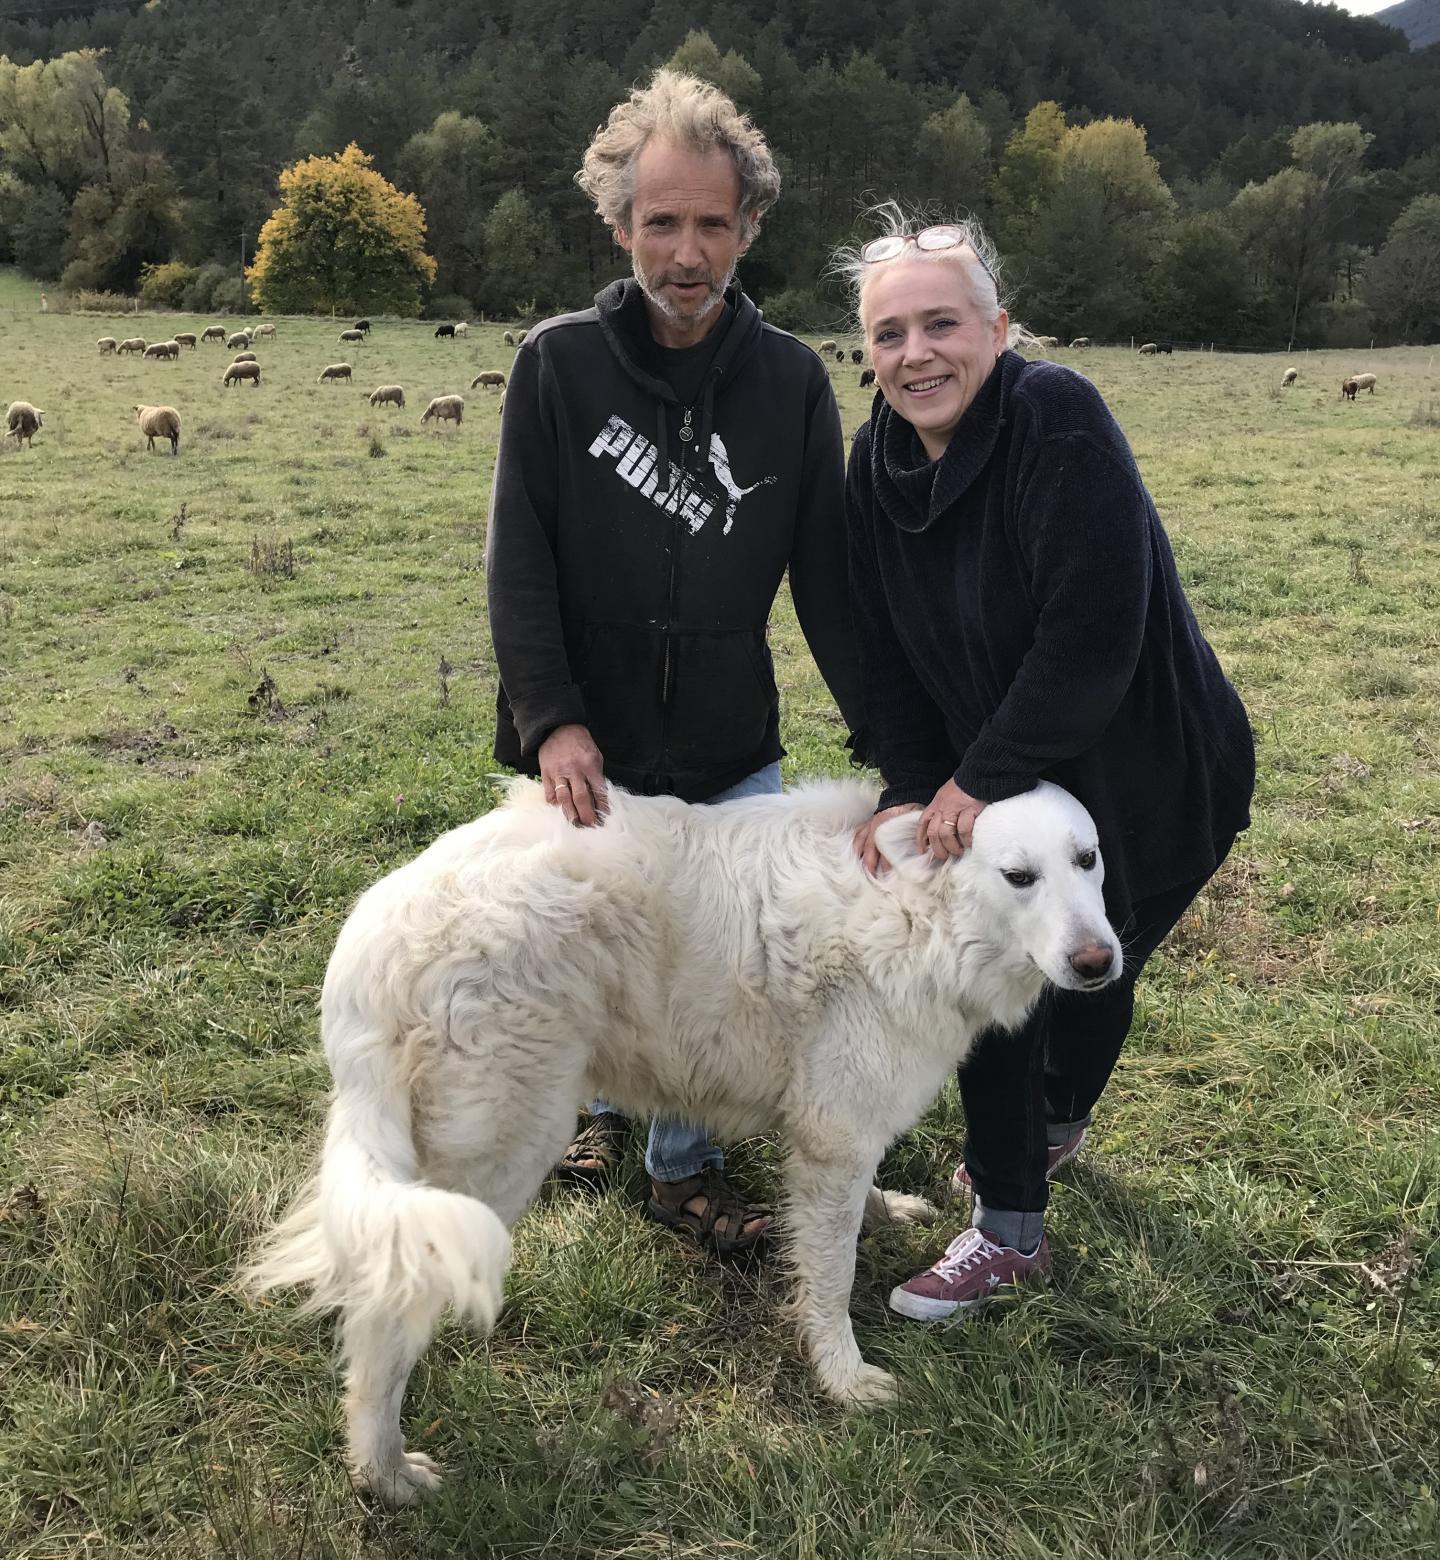 Marc et Carole: de la com' à Paris à l'élevage de brebis!